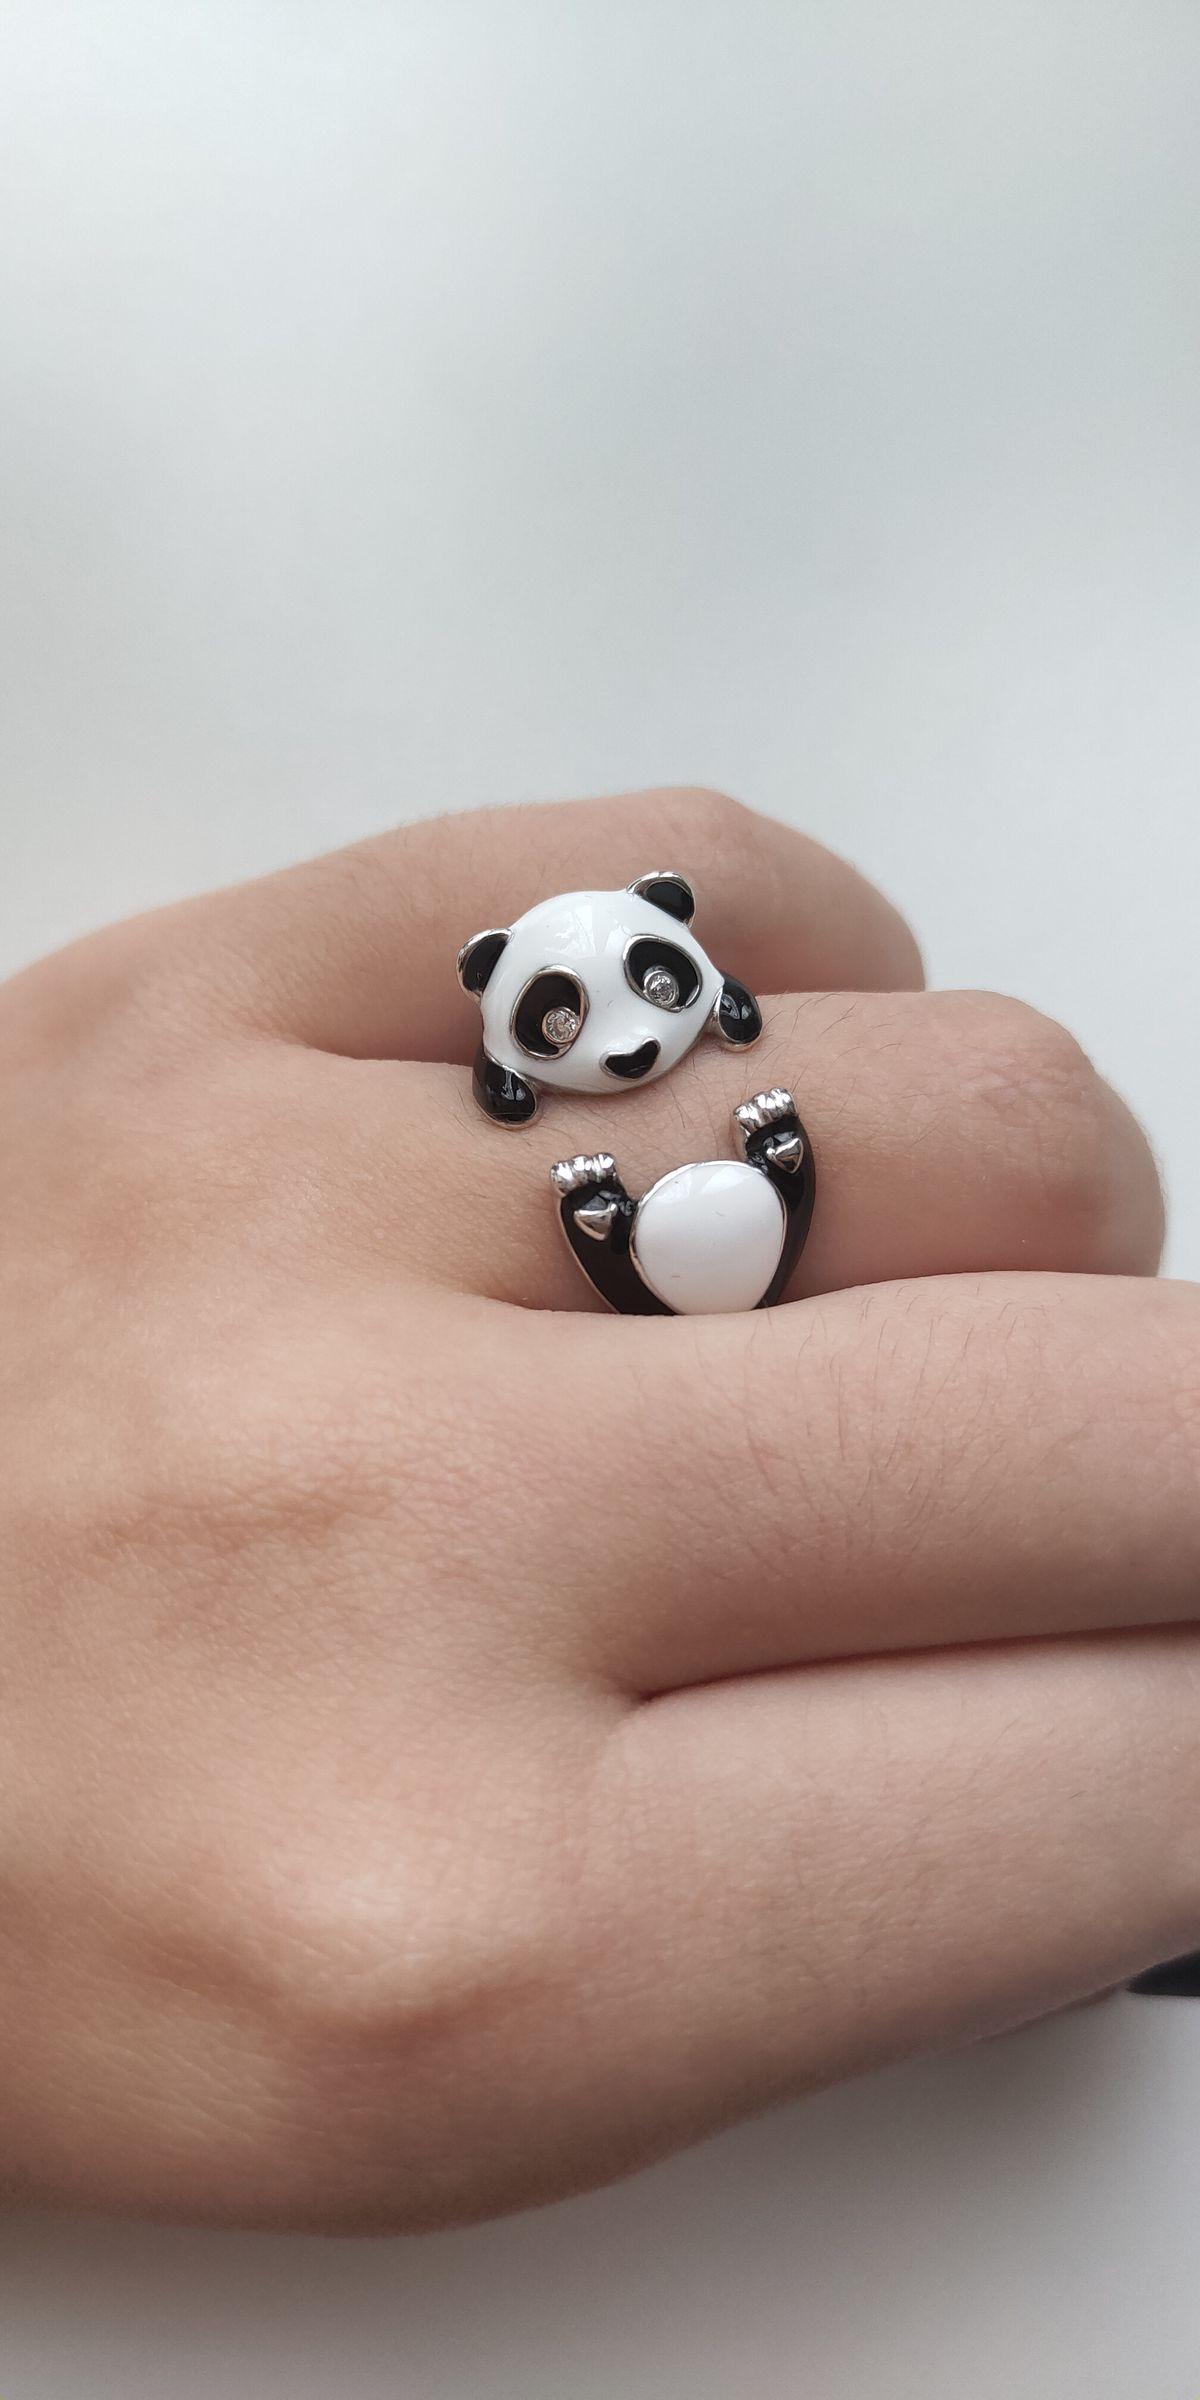 Очень понравилось кольцо, давно его хотела